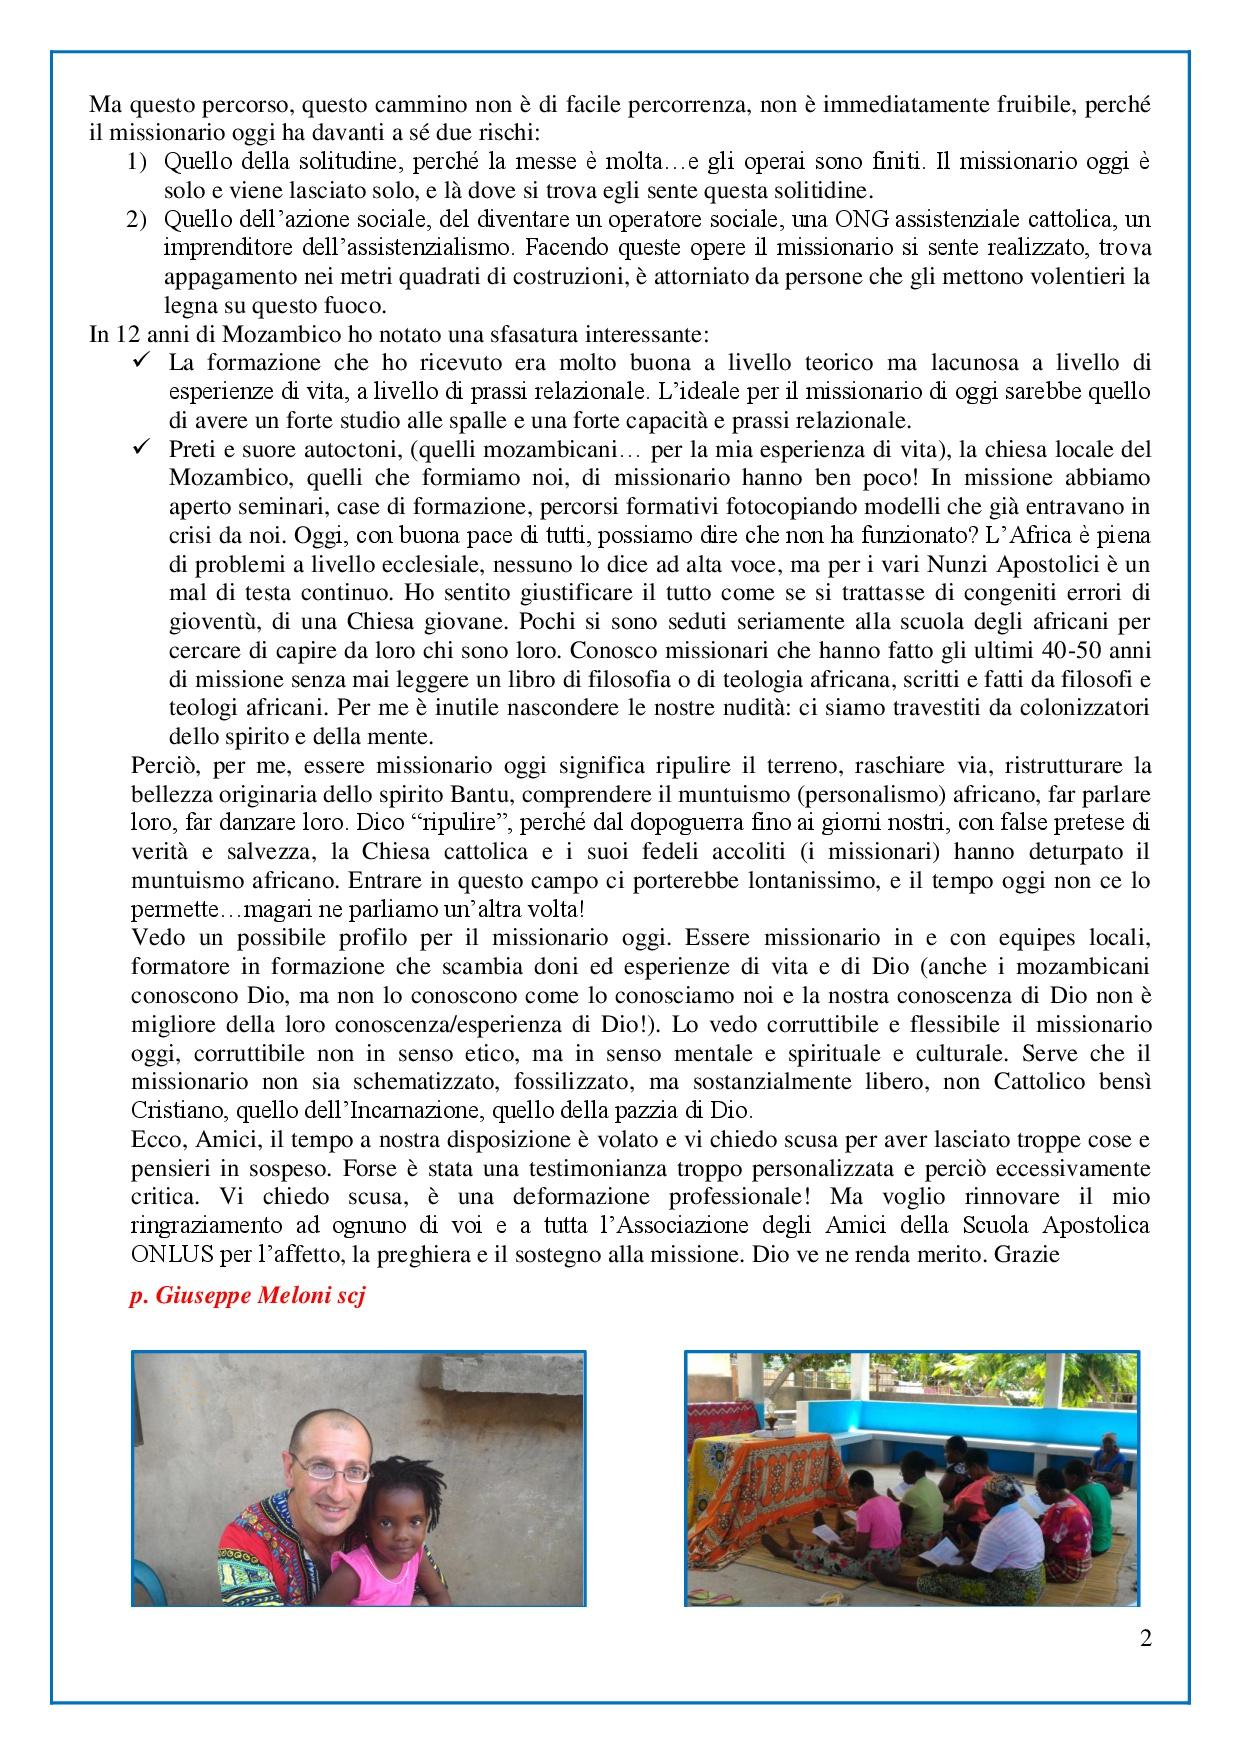 Albino 28 maggio 2016_Associazione Amici Scuola Apostolica_Testimonianza-002